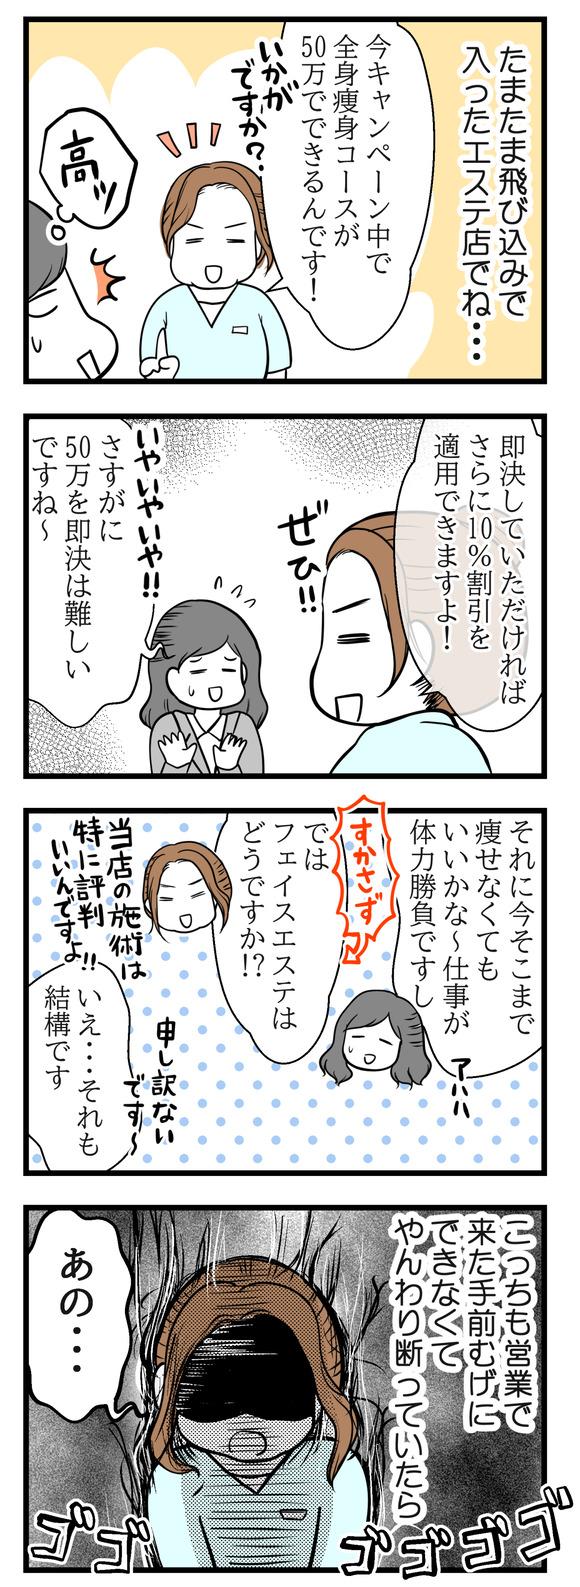 【ビンボーOL編21】同期の逆営業経験談-続き1